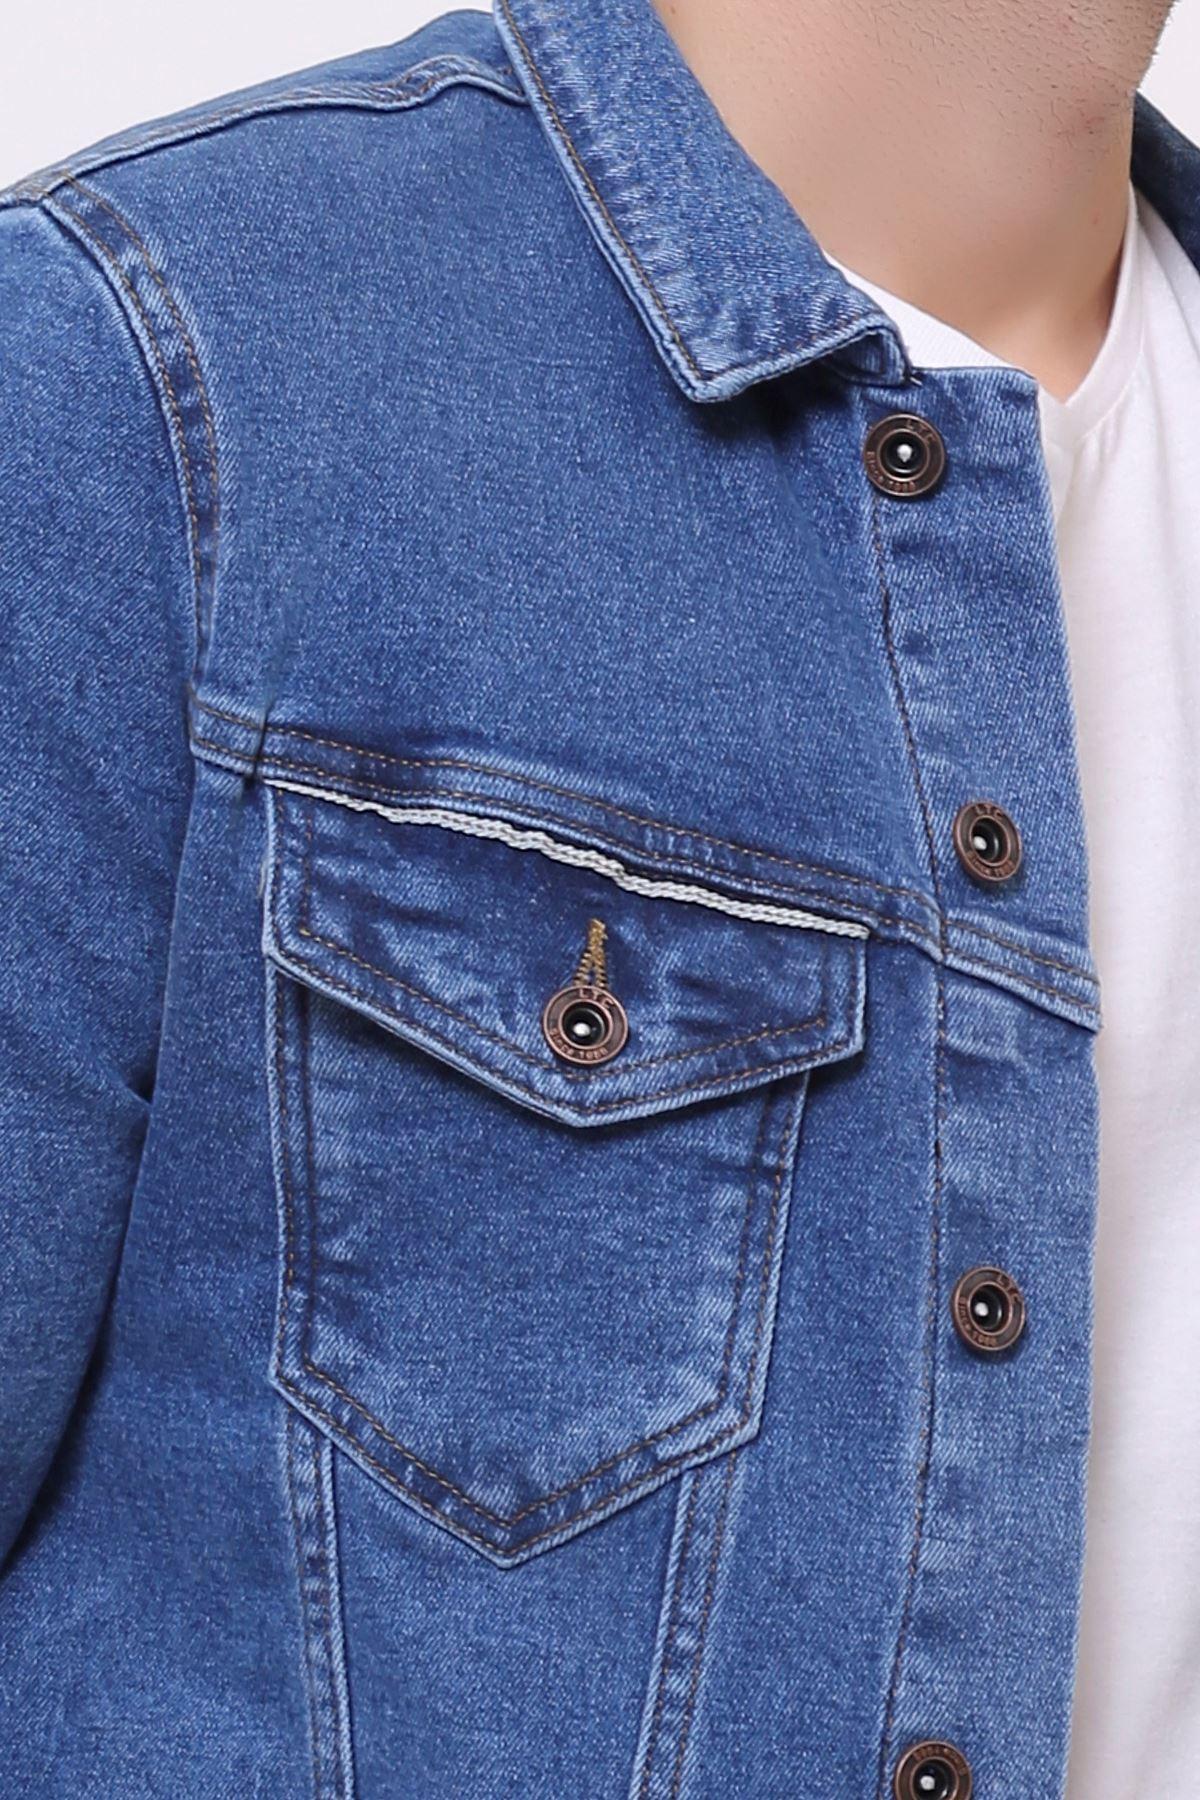 Çift Cep Şerit Detay Buz Mavi Erkek Kot Ceket